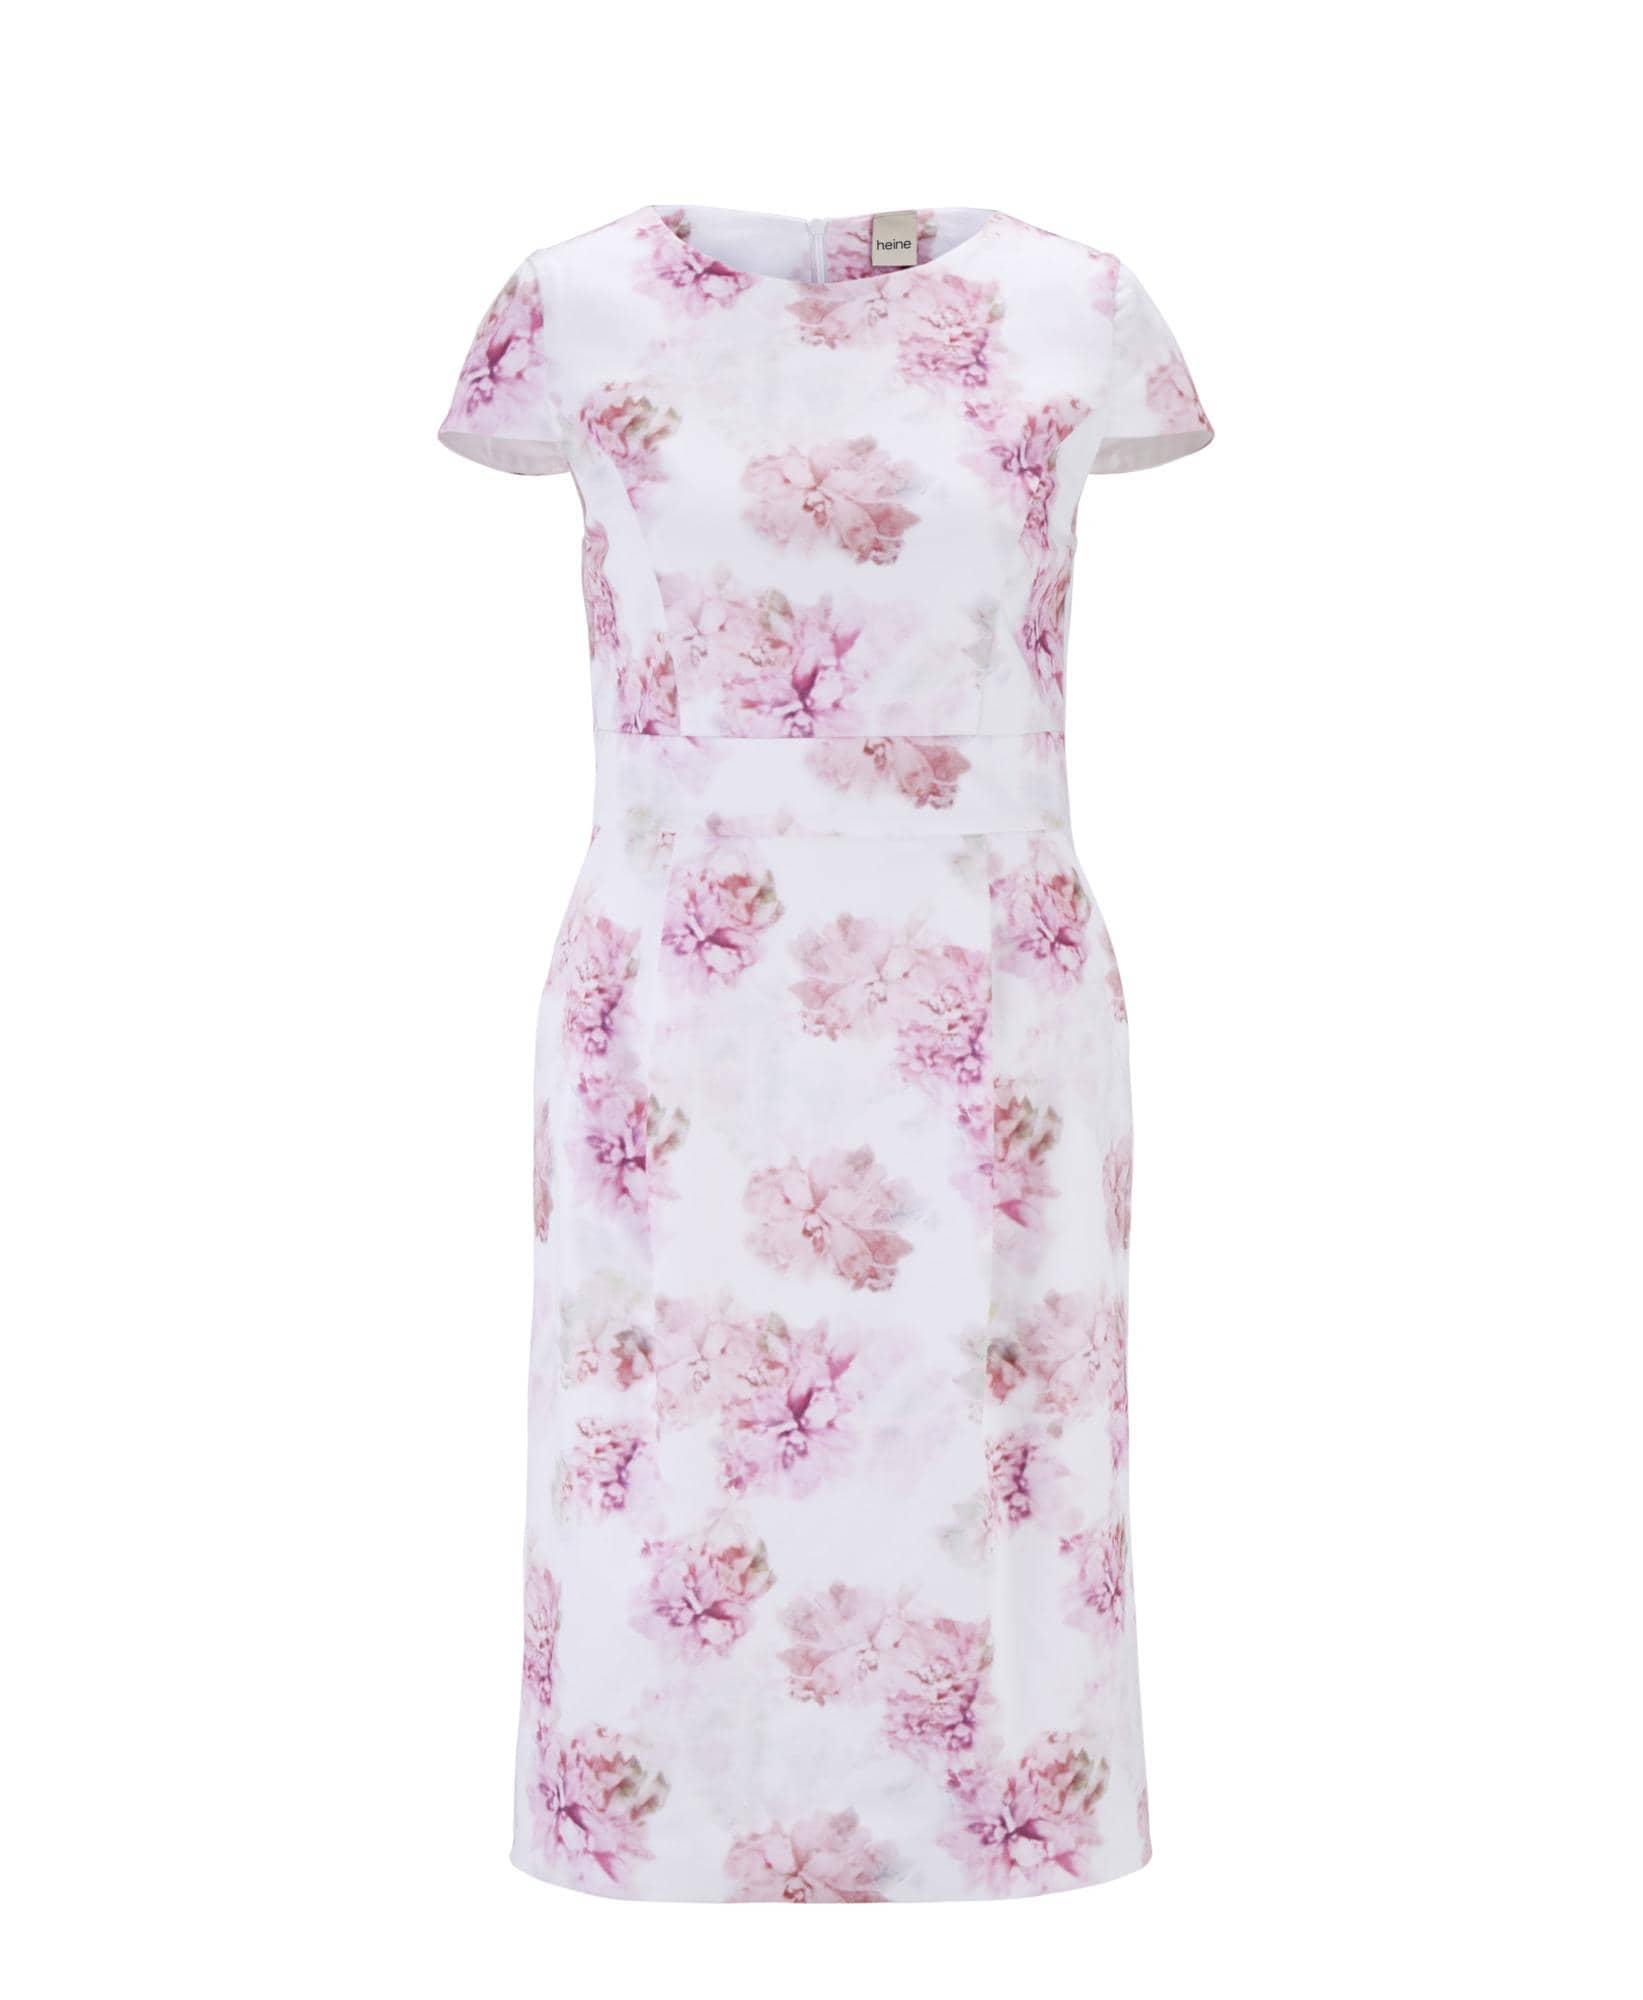 Druckkleid | Bekleidung > Kleider > Druckkleider | Rosa - Weiß | heine